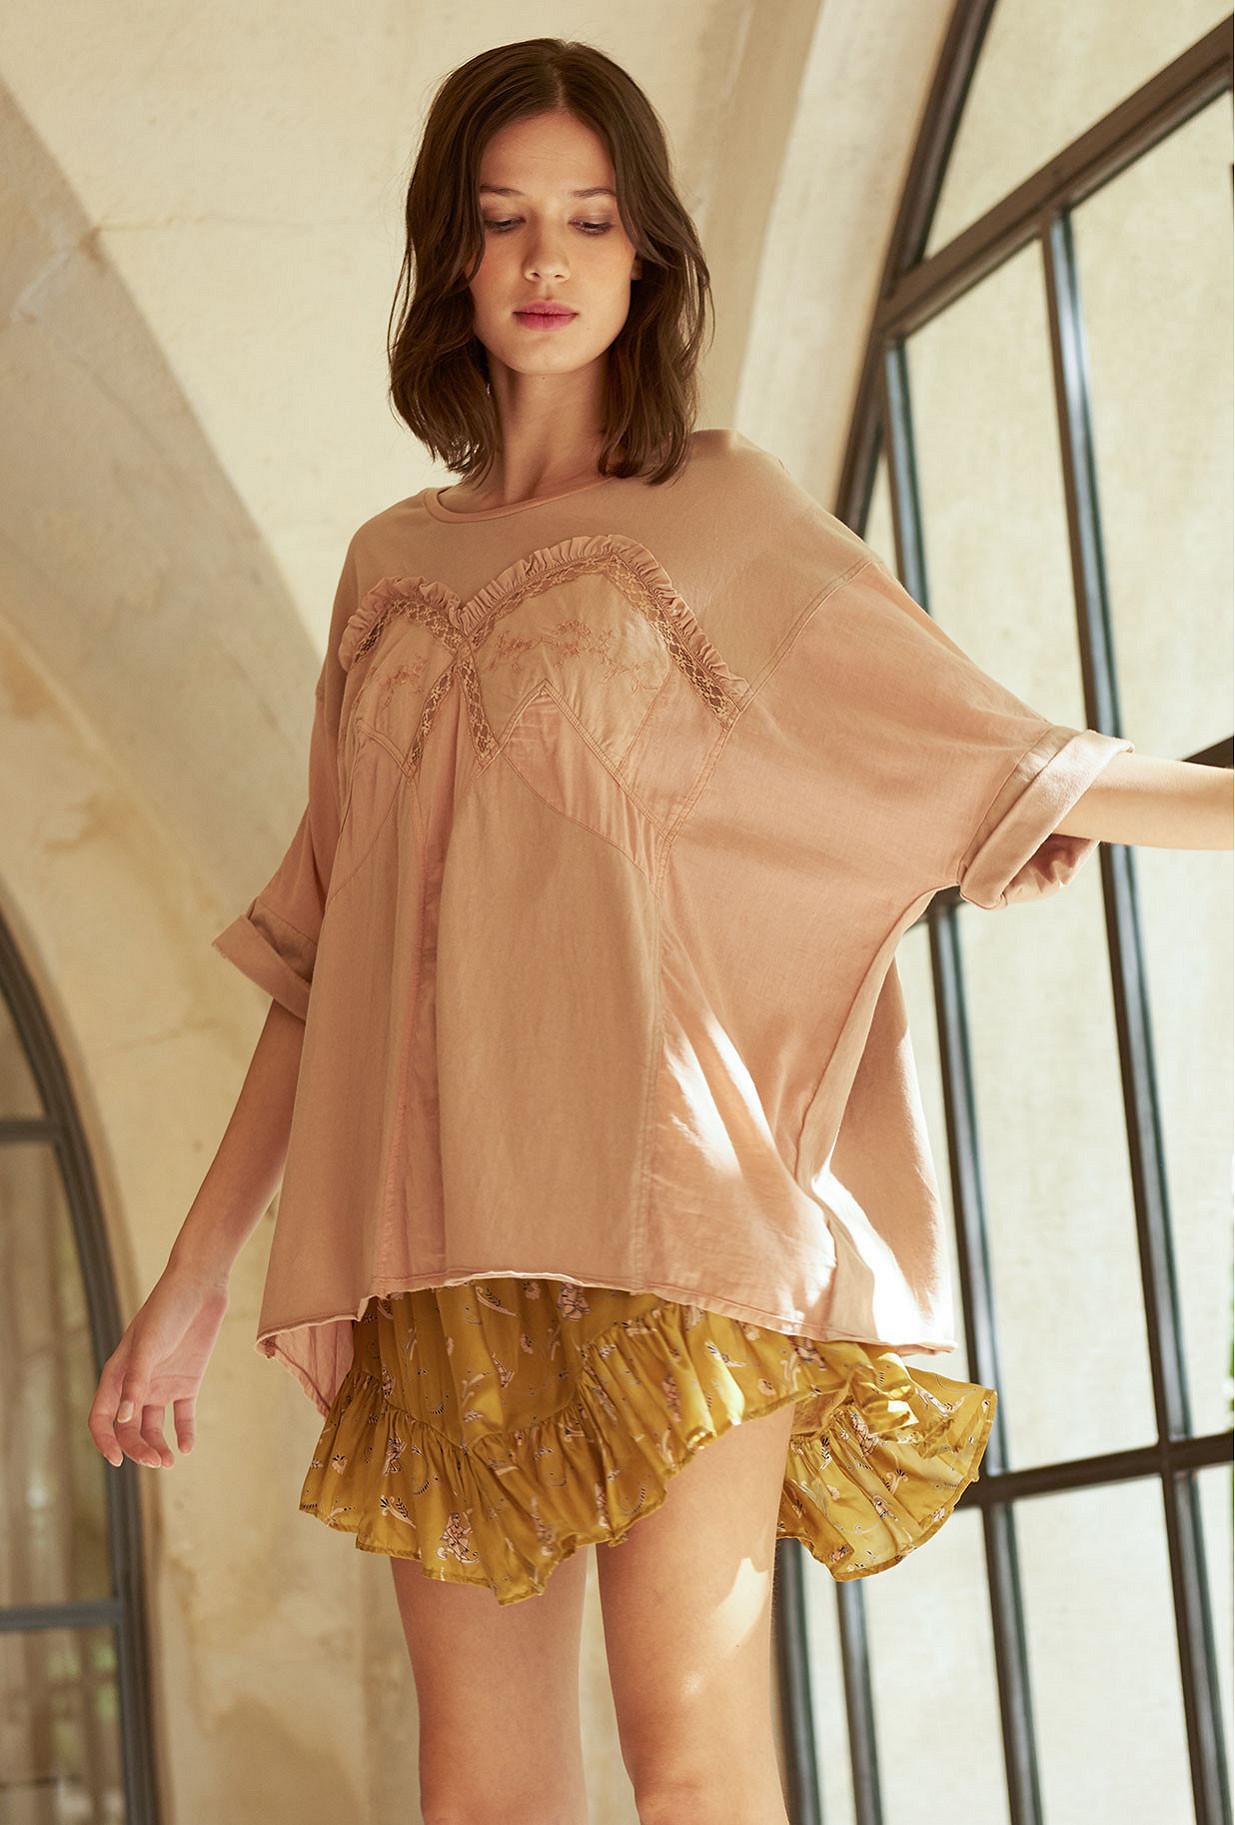 Nude  Top  Moore Mes demoiselles fashion clothes designer Paris